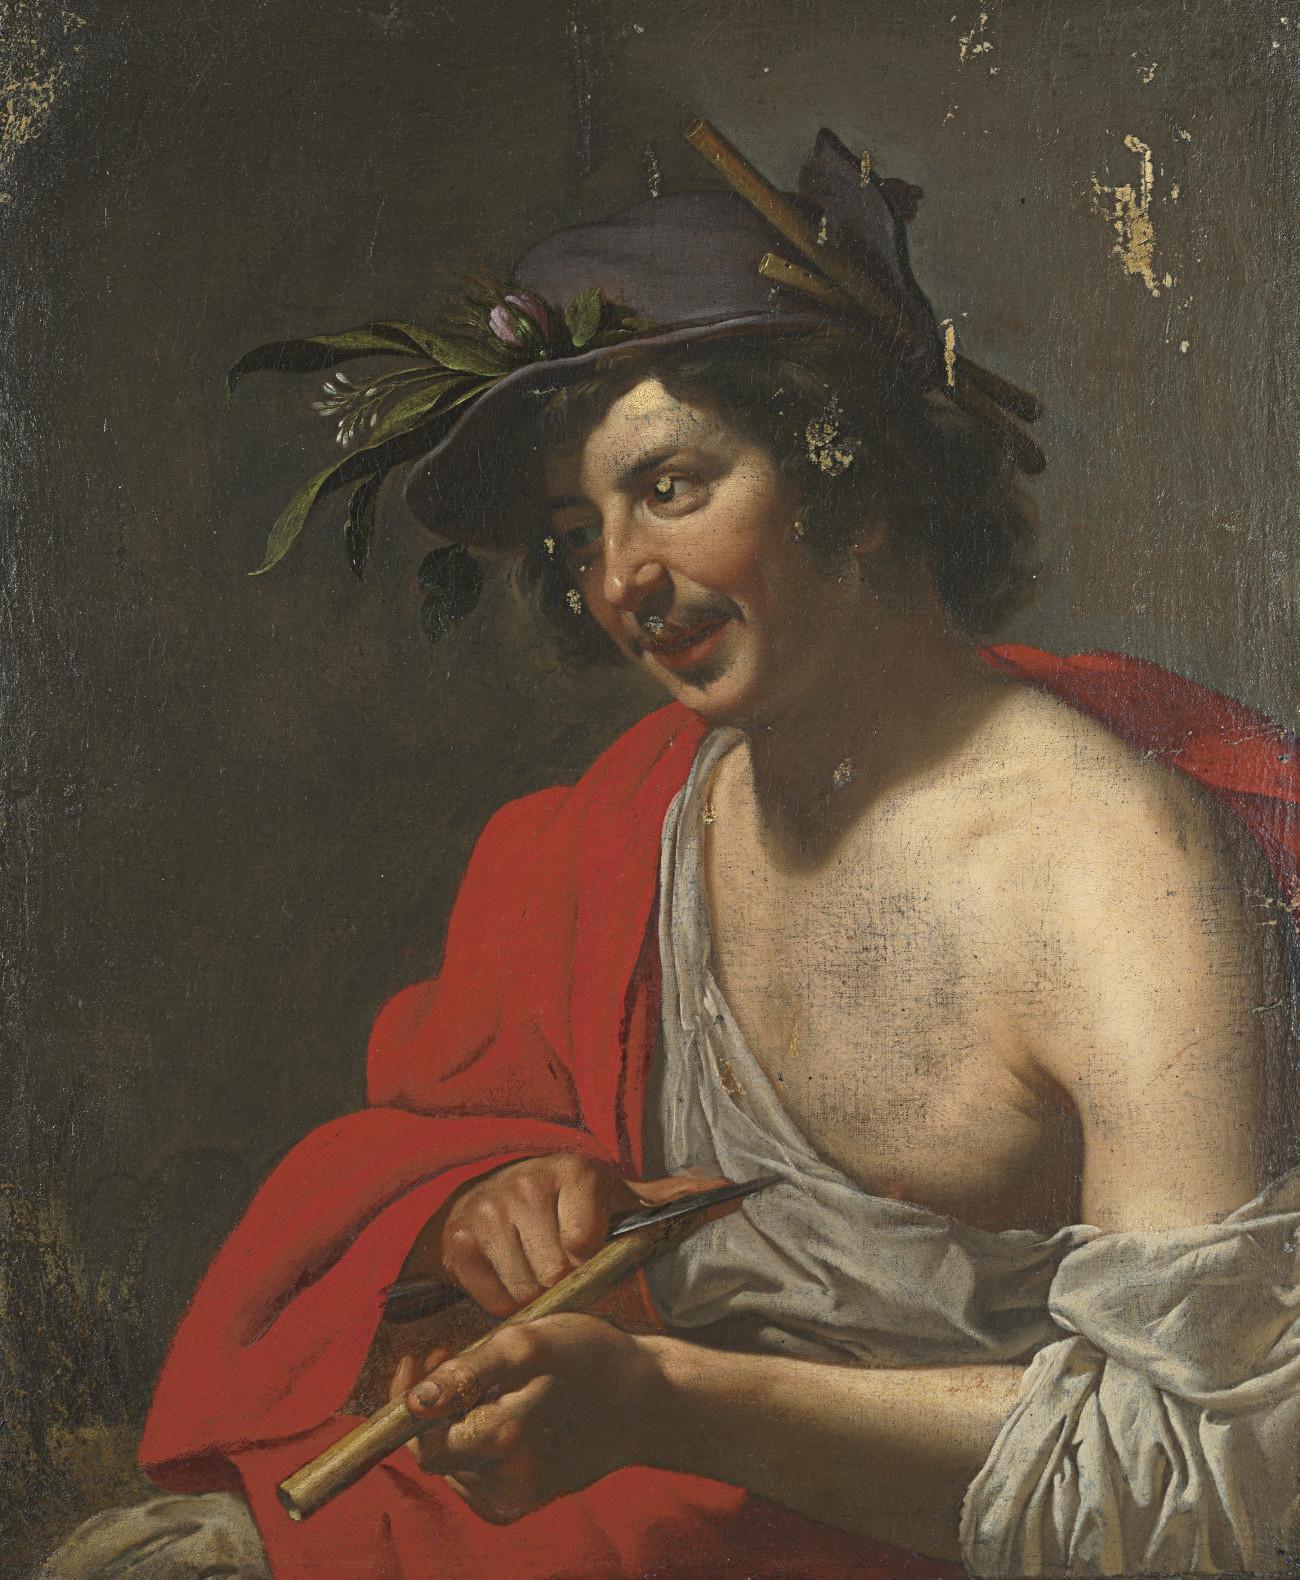 Jan van Bijlert Utrecht 1603-1